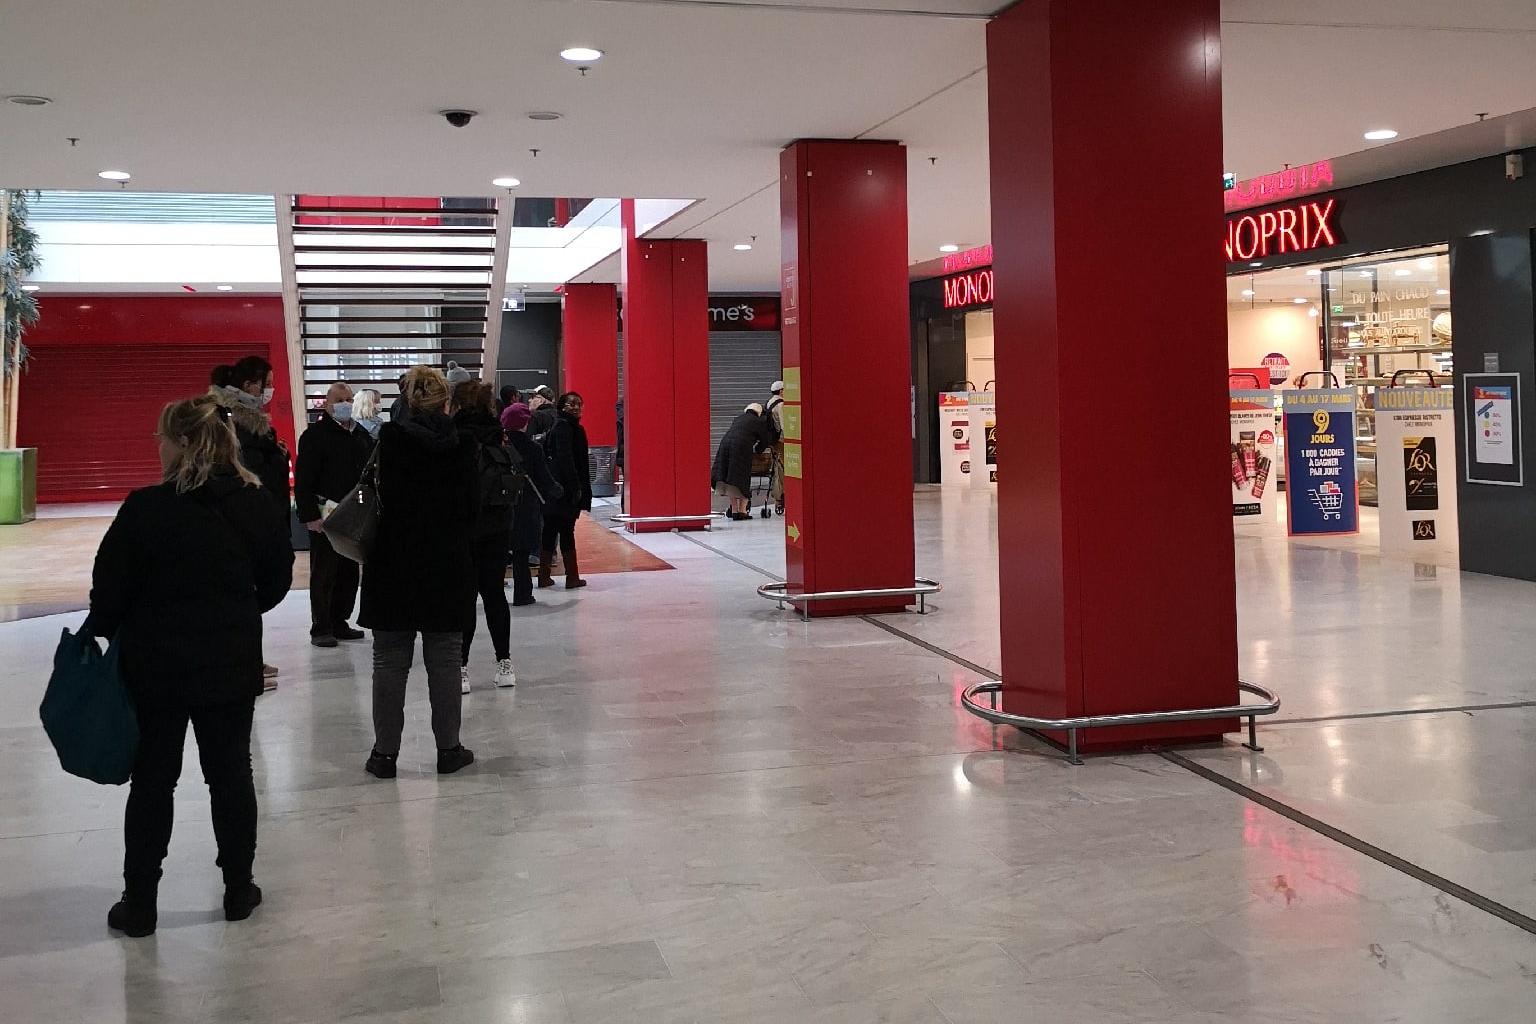 В общественных местах Мюлуза все меньше и меньше людей